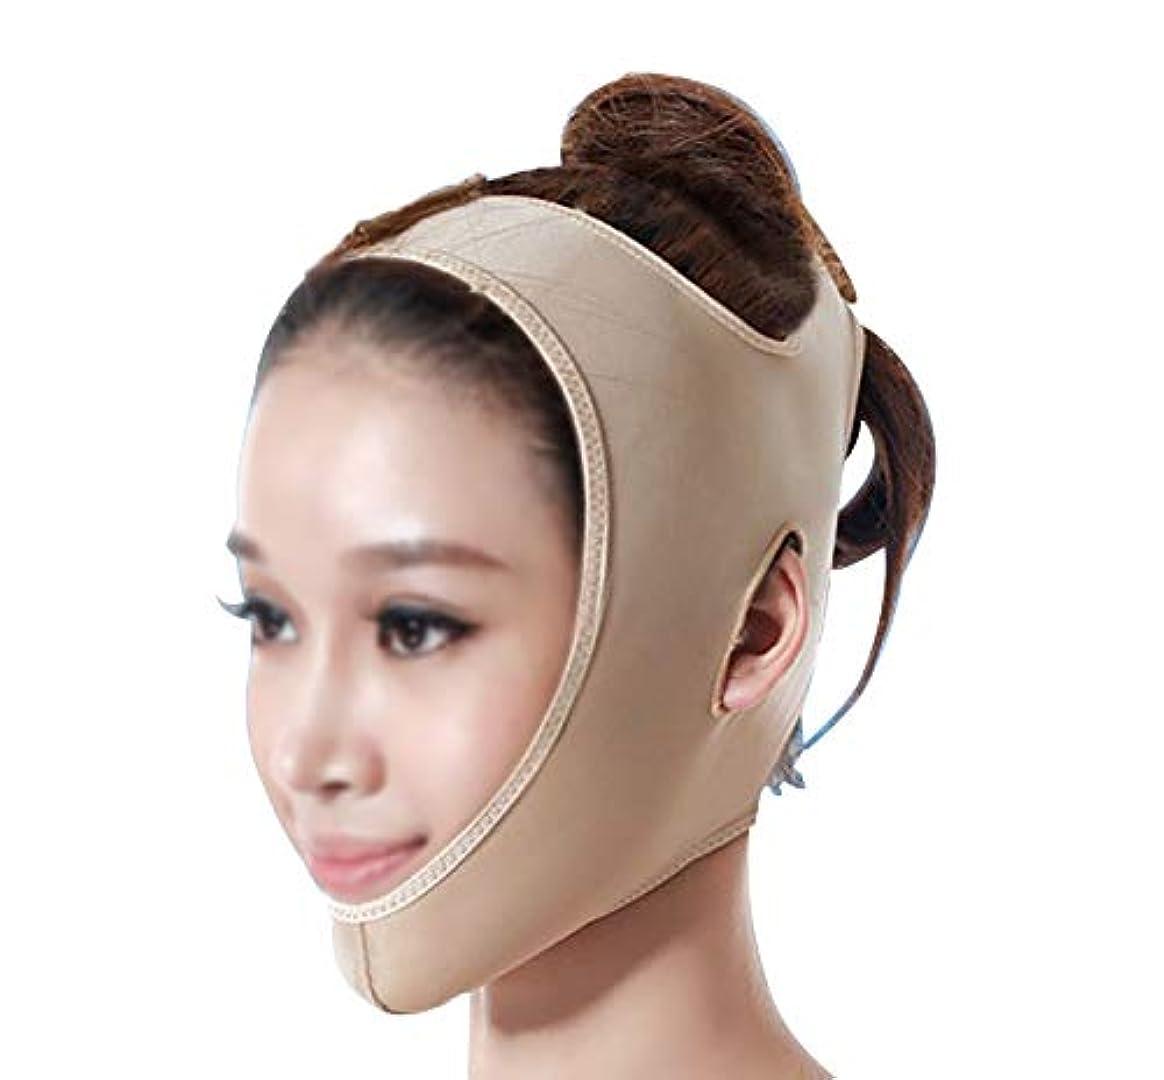 TLMY 引き締めマスクマスク美容薬マスク美容V顔包帯ライン彫刻引き締めしっかりダブルチンマスク 顔用整形マスク (Size : XL)